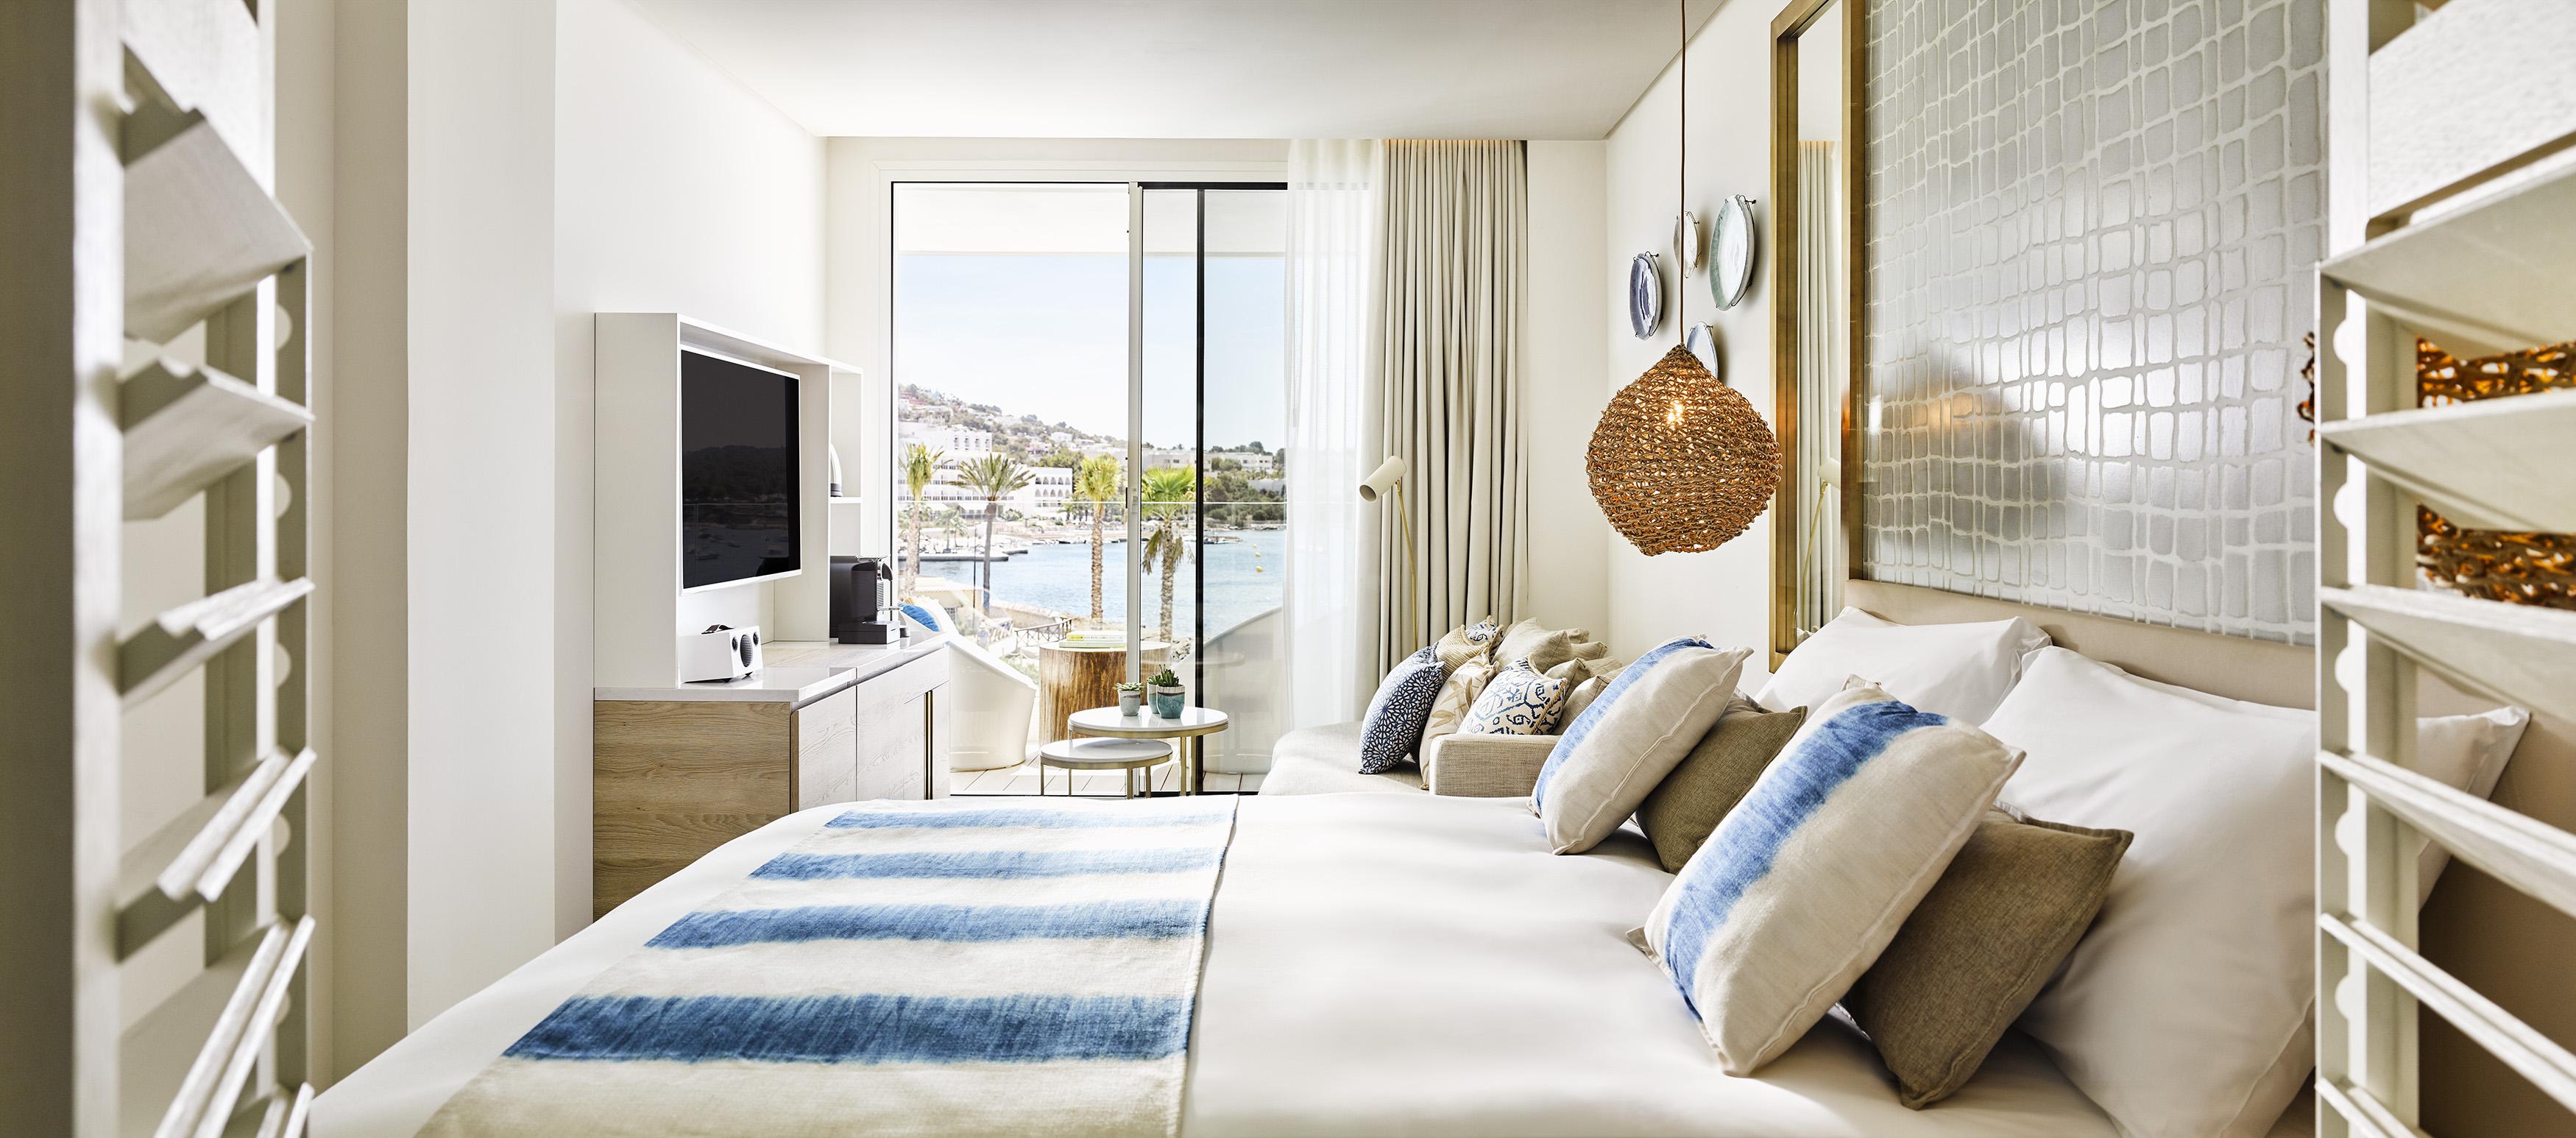 nobu-hotel-ibiza-bay-luxury-suite